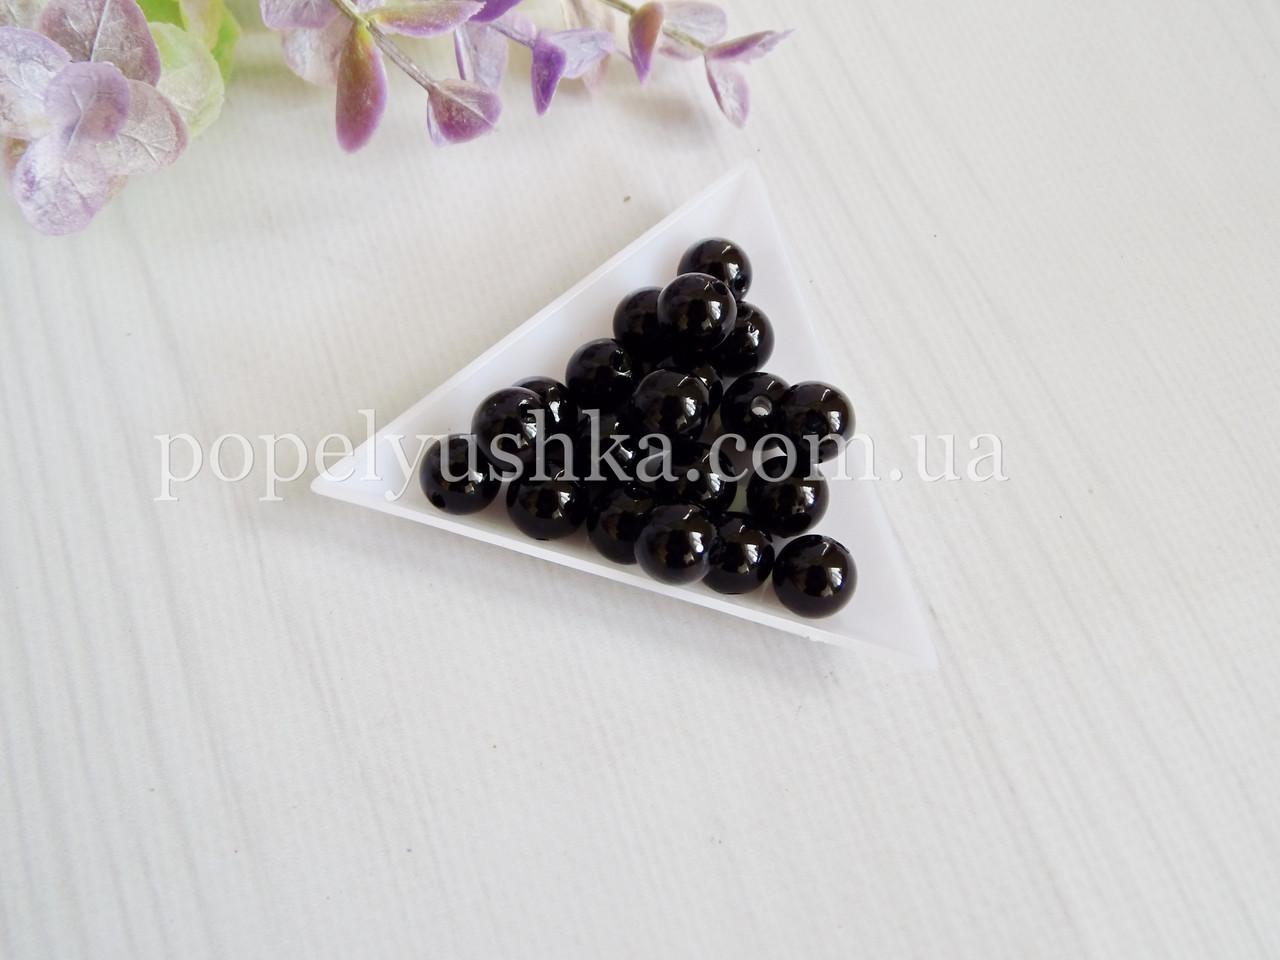 Перлини скляні 8 мм Чорні (20 шт)